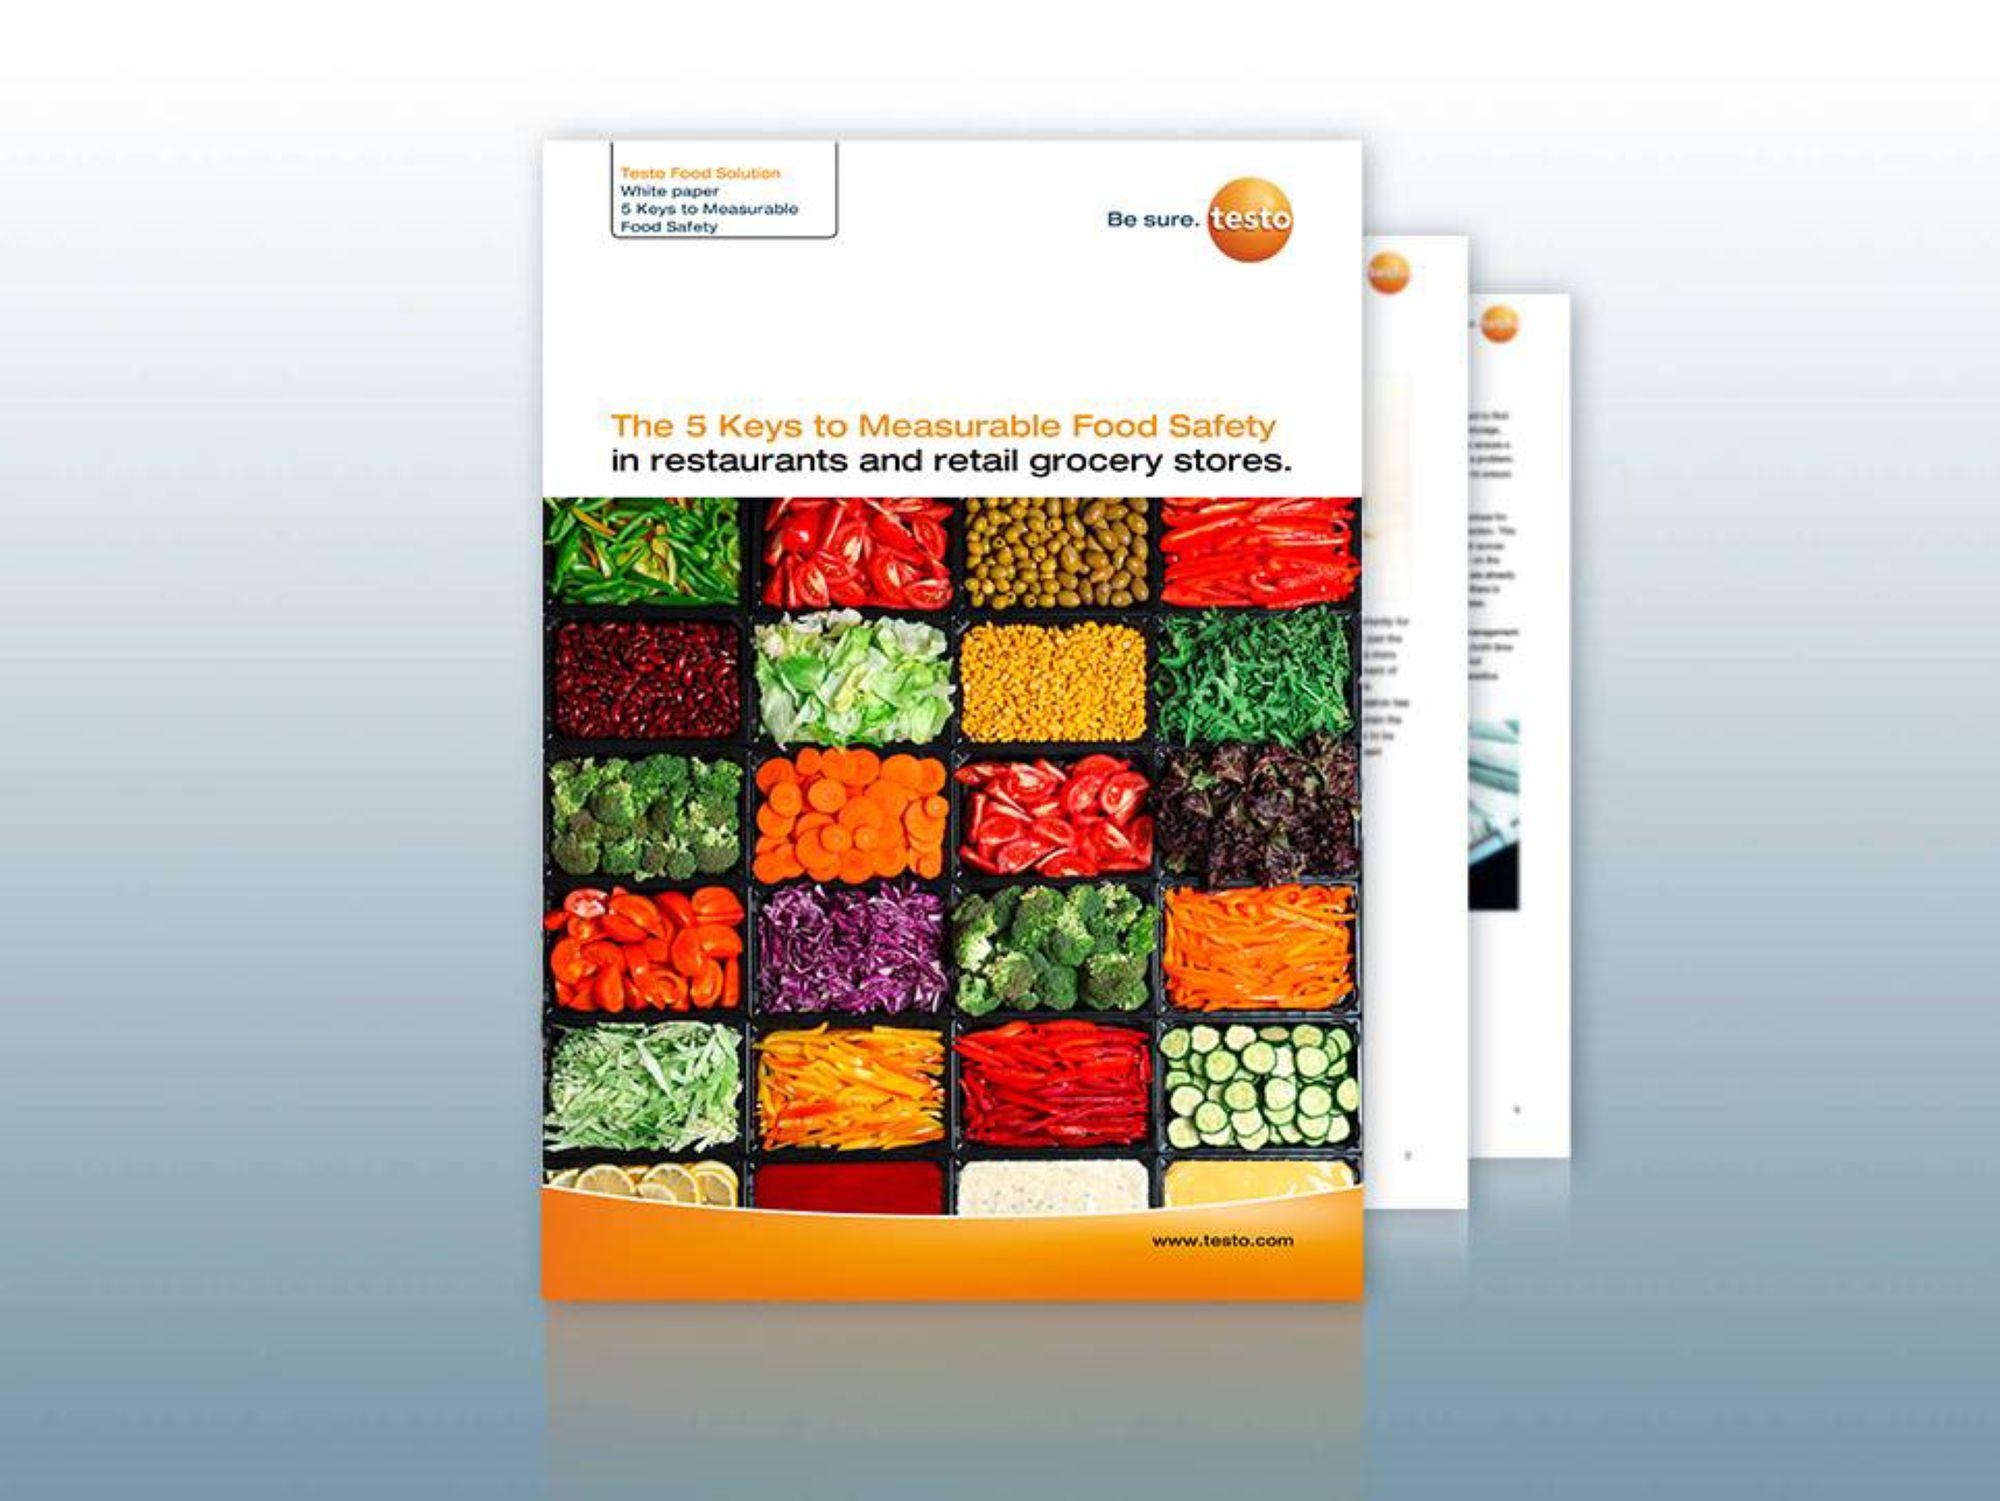 Kostenloses Whitepaper - Die 5 Schlüssel zu messbarer Lebensmittelsicherheit in Restaurants und im Einzelhandel.